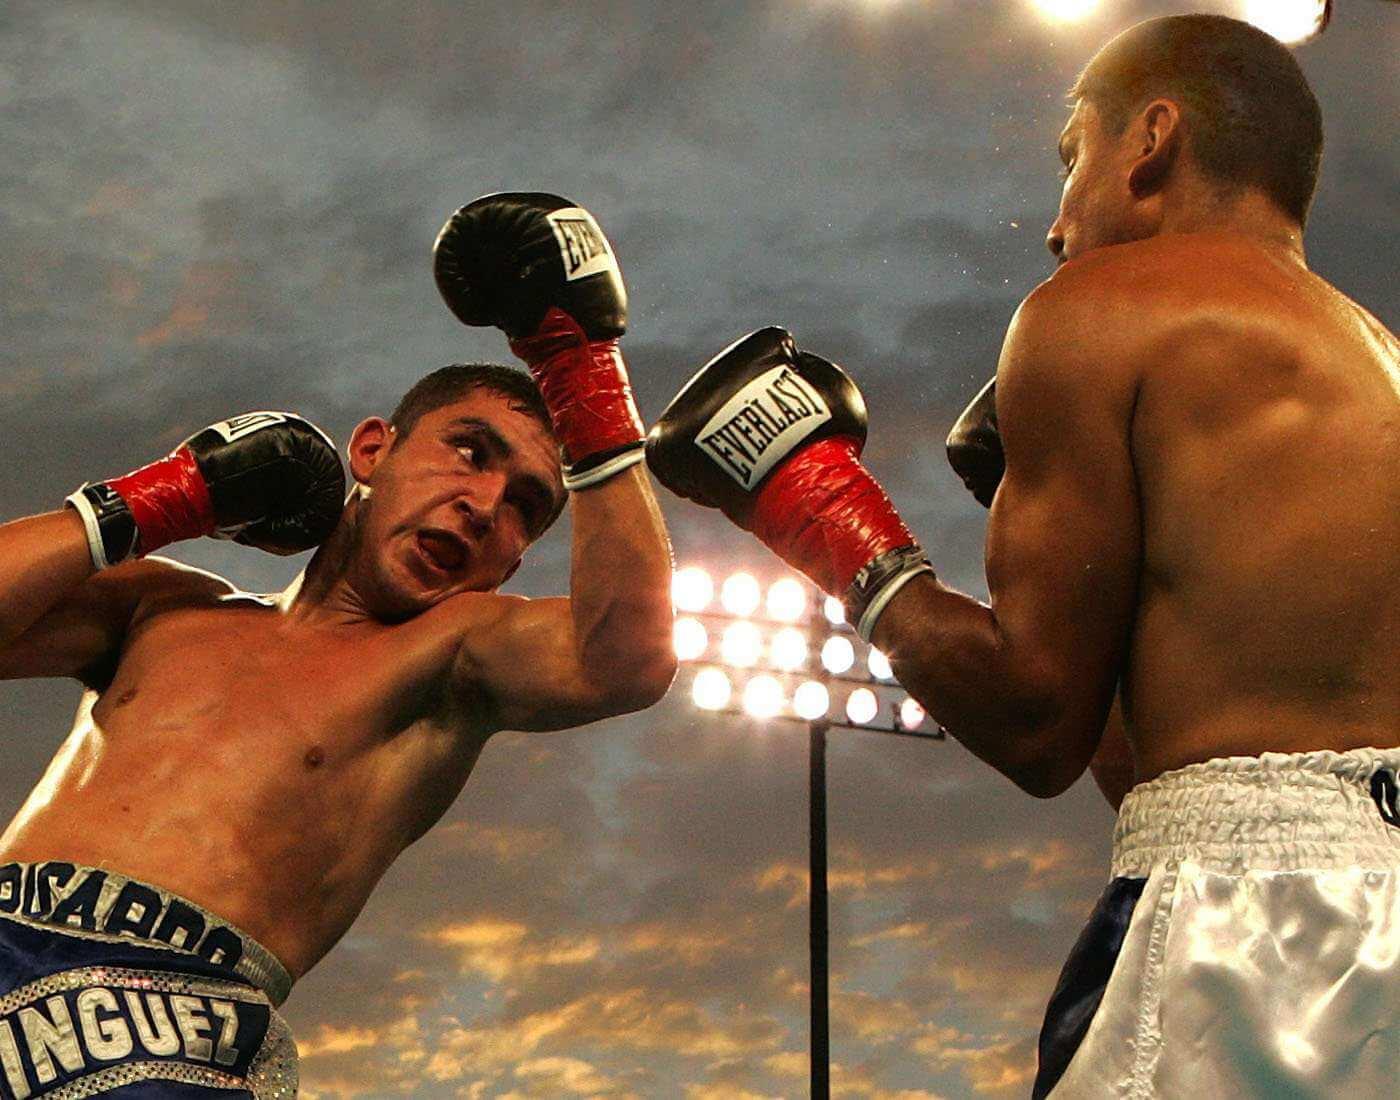 Boxing combat sport